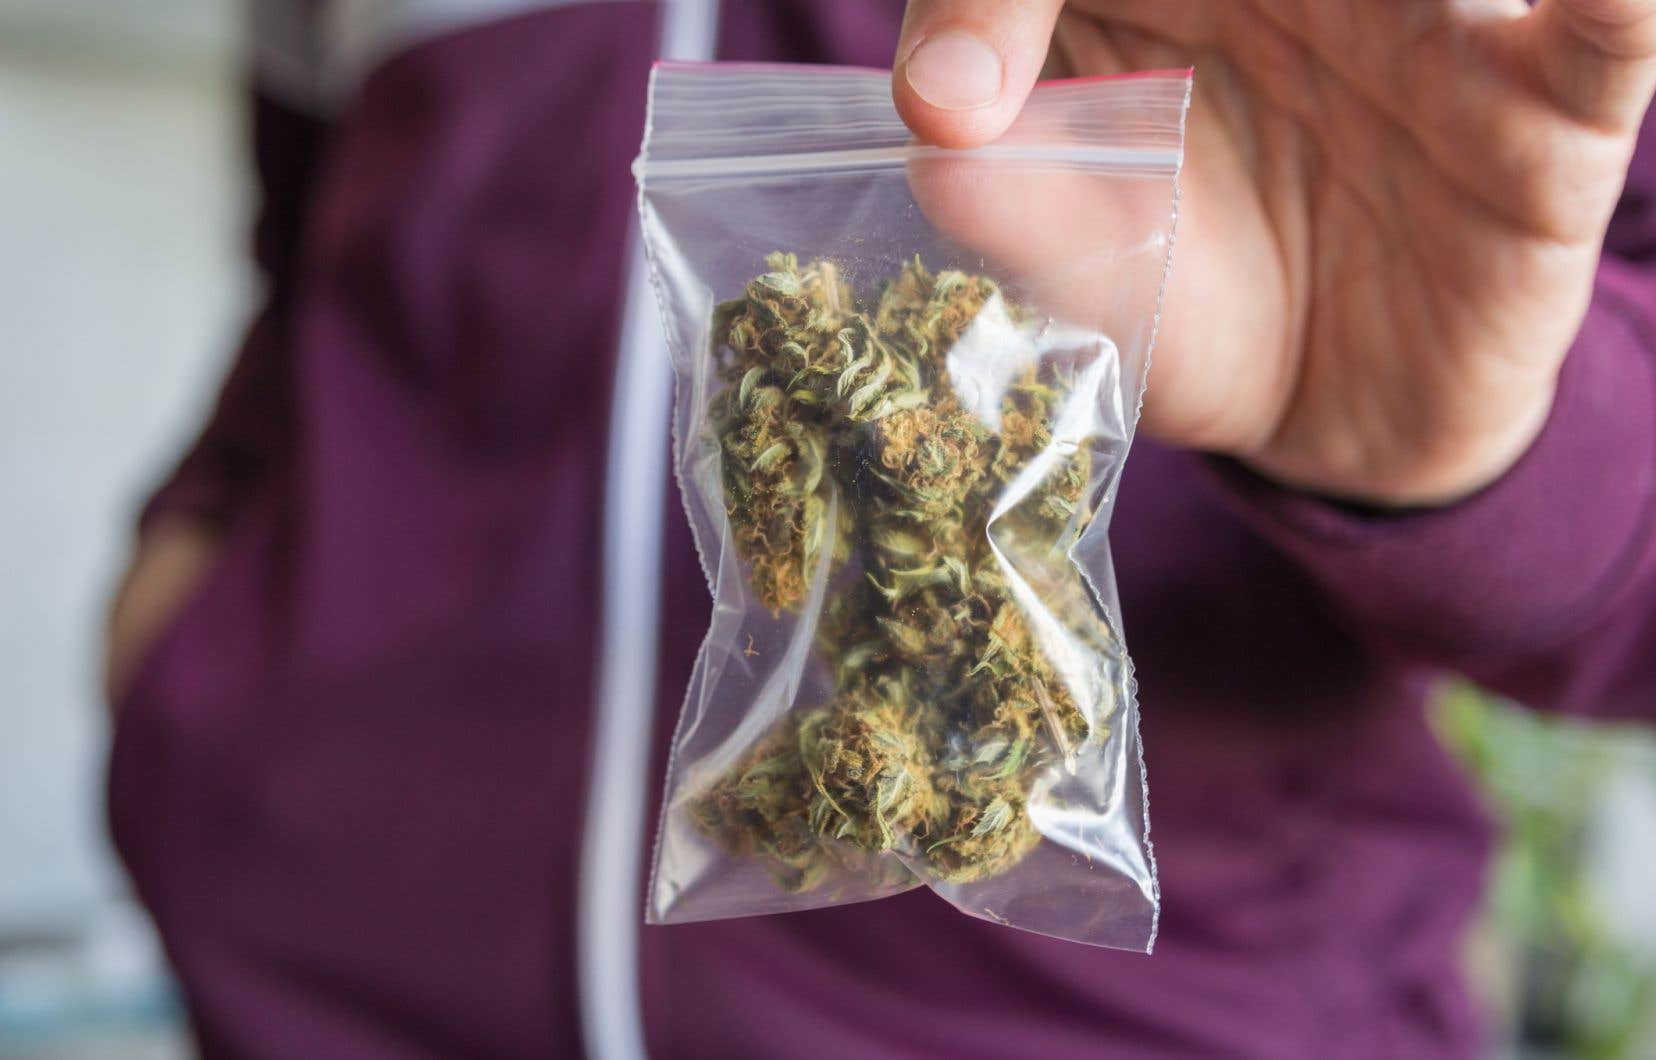 L'an dernier, le directeur parlementaire du budget prédisait un marché du cannabis légal de 655 tonnes en 2018, qui pourrait atteindre 734 tonnes en 2021.